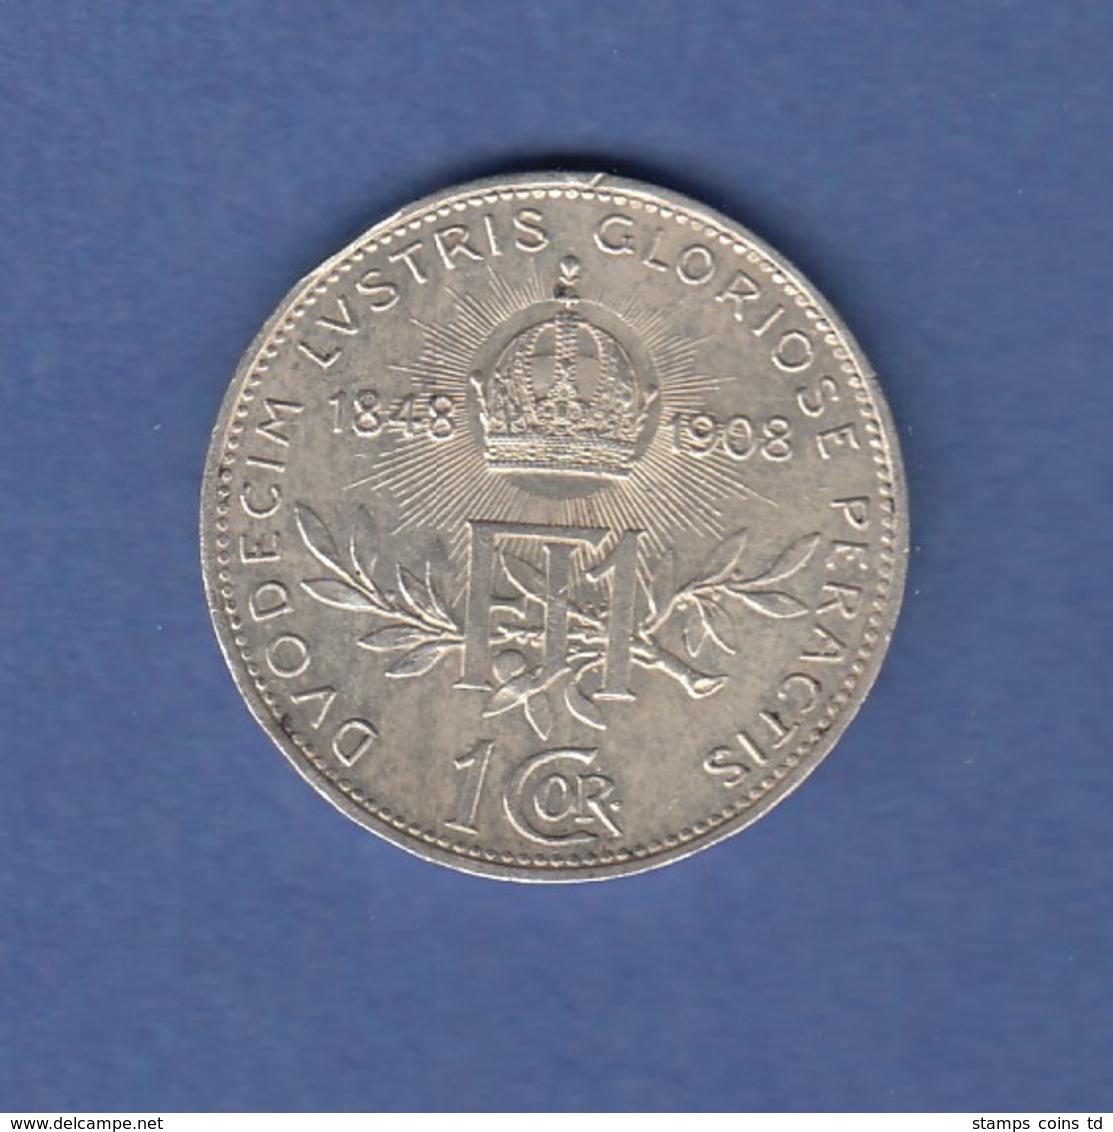 Österreich 1908 Silber-Gedenkmünze 50 Jahre Thronbesteigung Franz Joseph I. - Austria